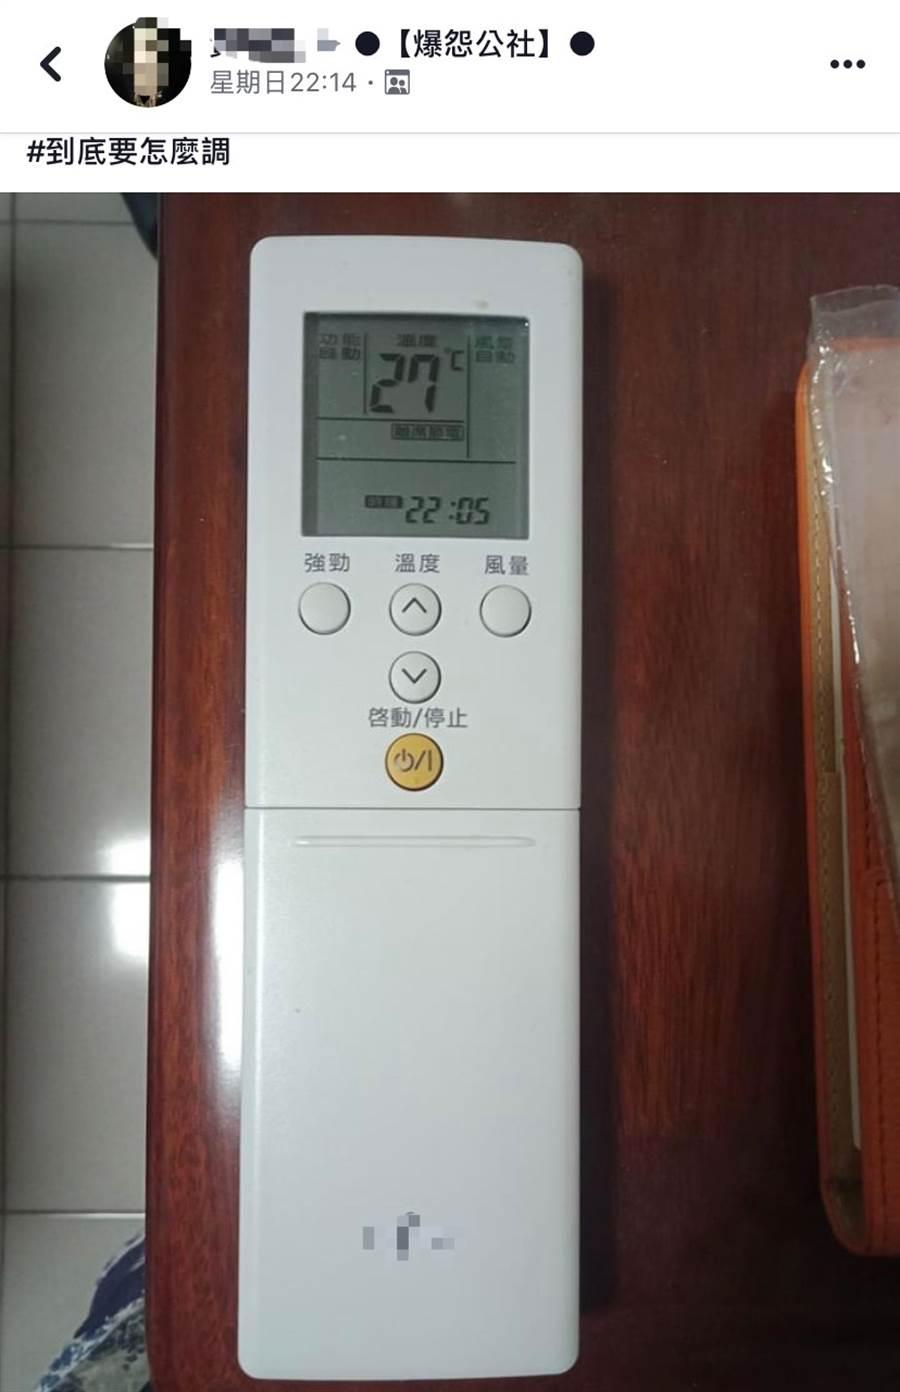 網友貼出冷氣搖控器圖片,底下網友紛紛幫忙解惑。(圖擷取自 爆怨公社)